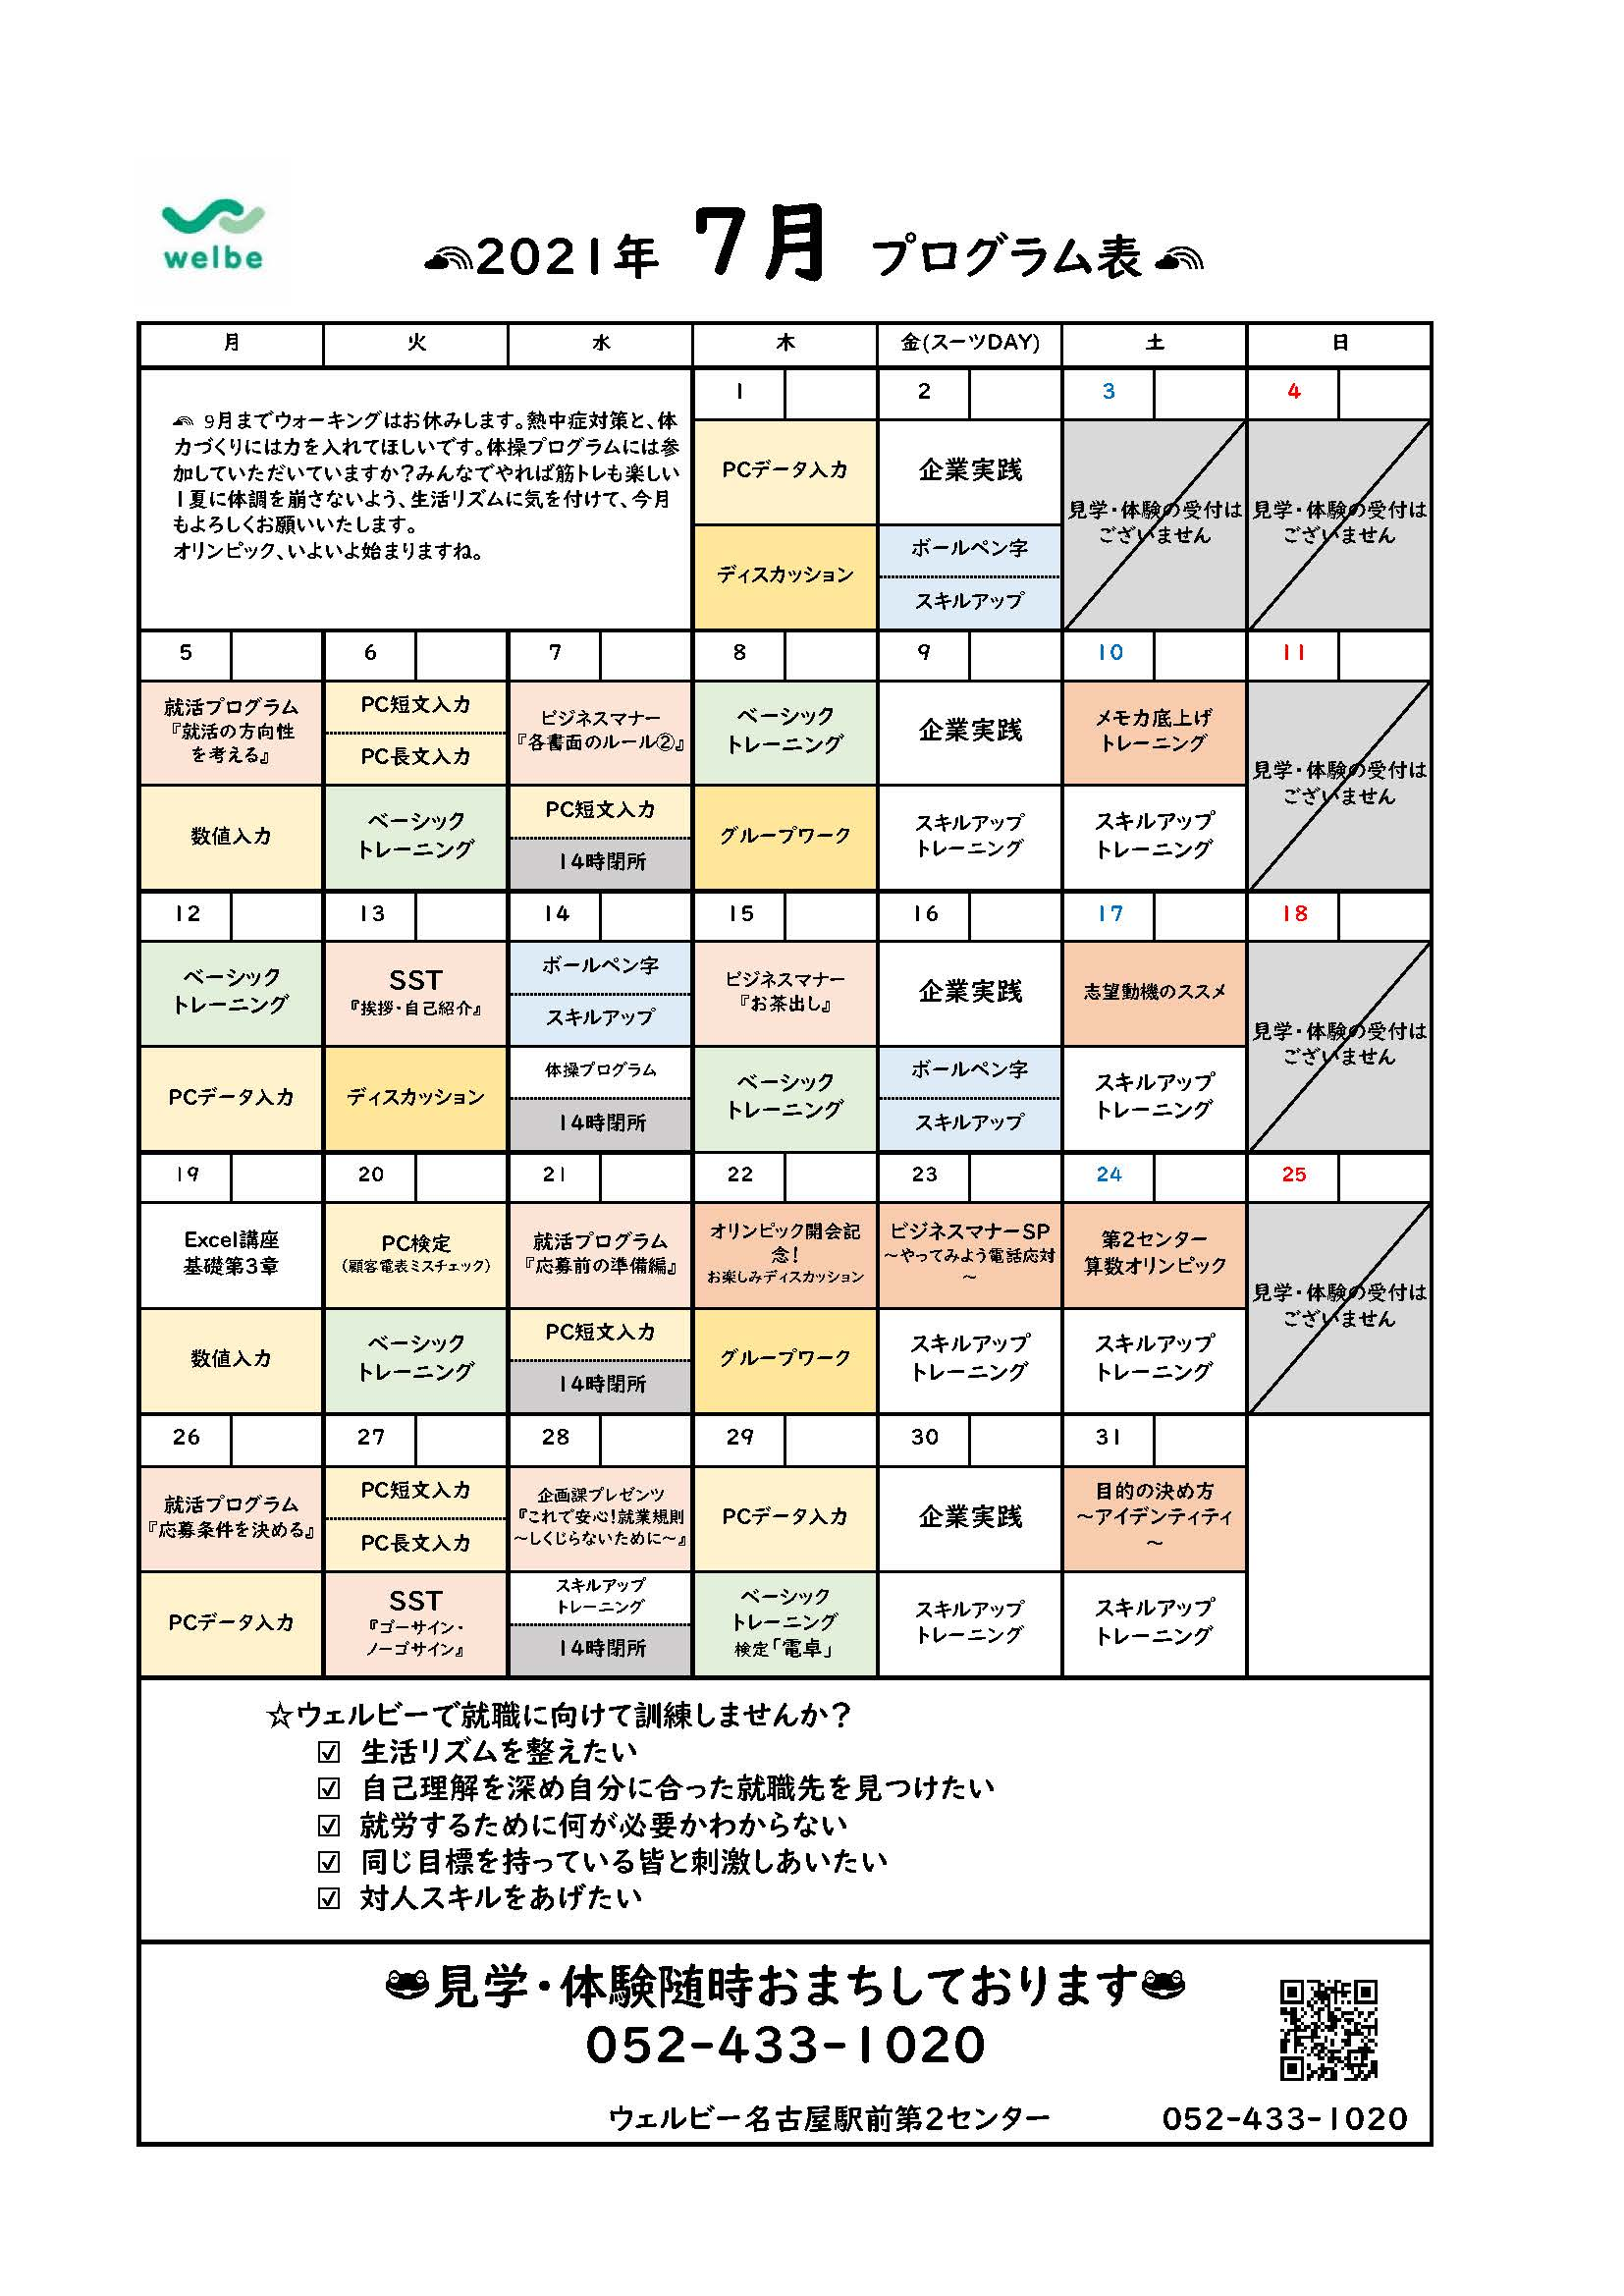 名古屋駅前センター画像①(7月プログラム)